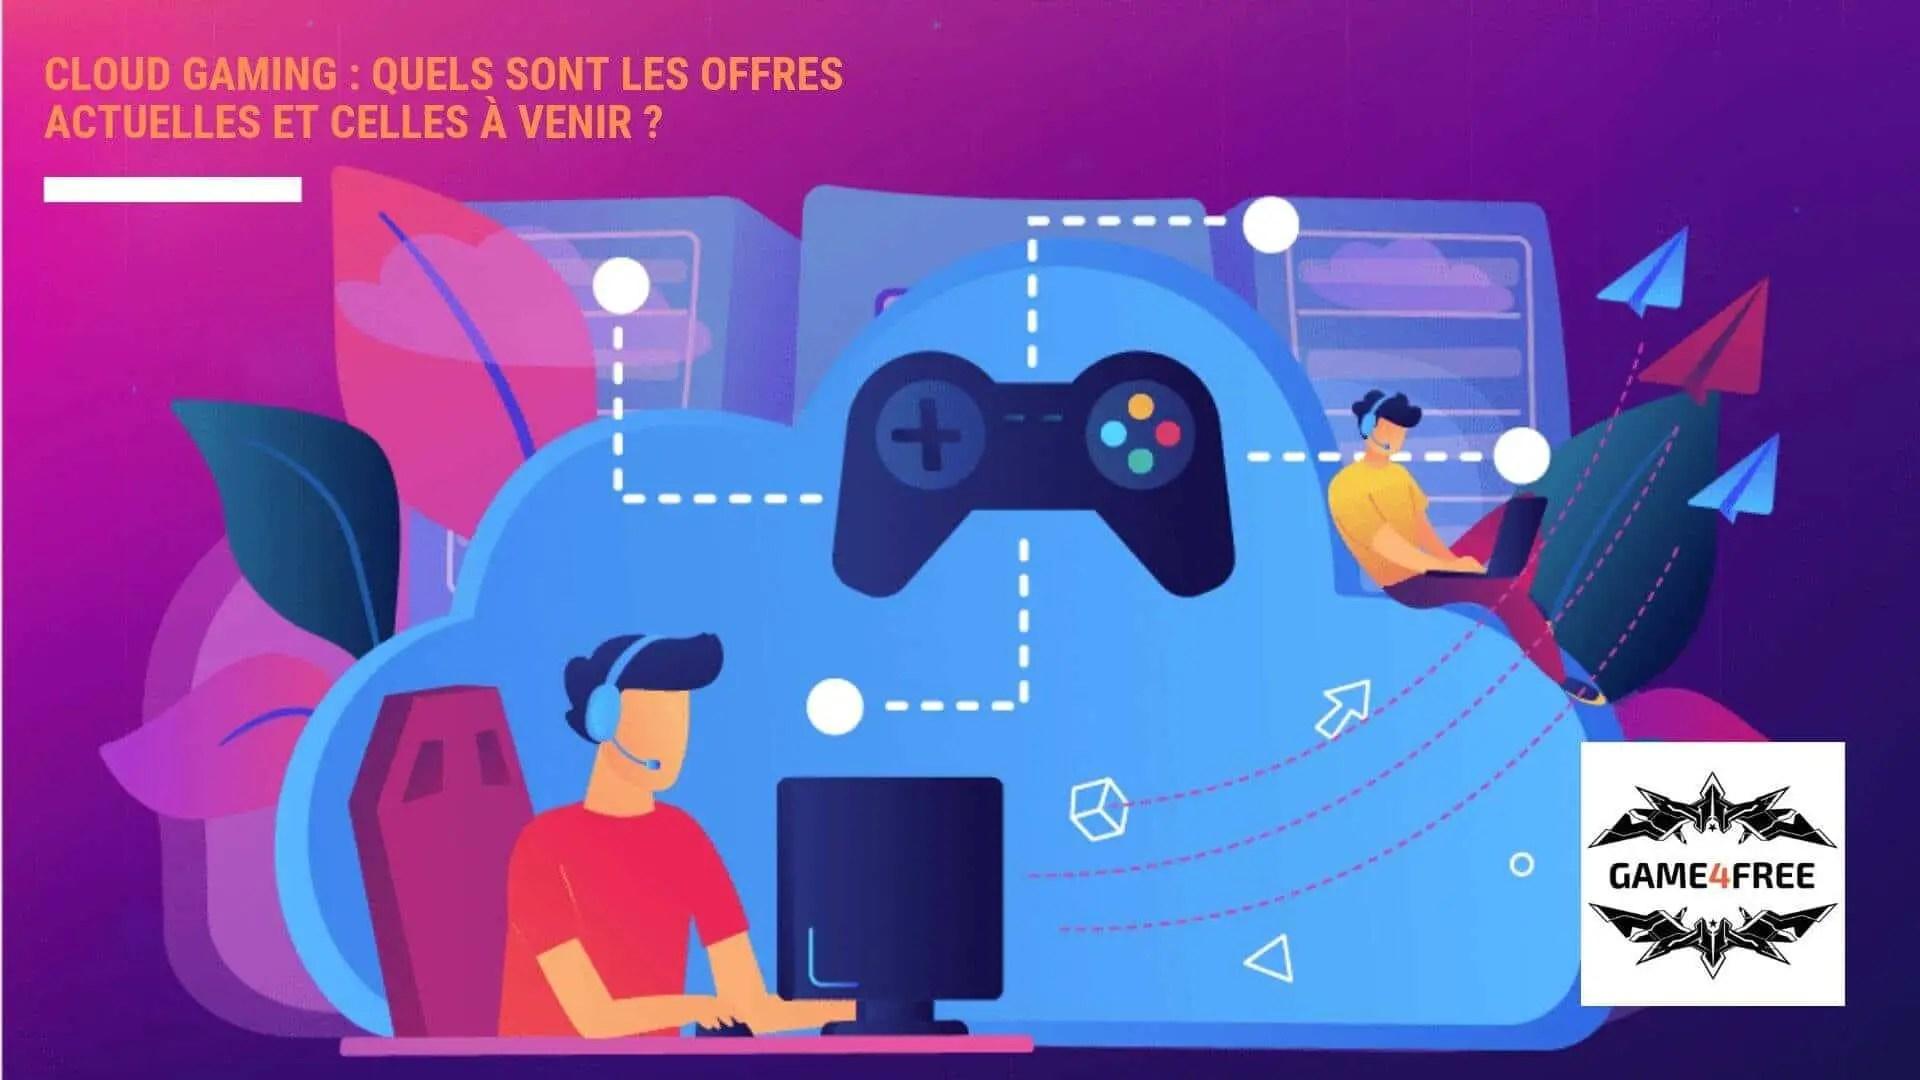 Cloud Gaming : Quels sont les offres actuelles et celles à venir ?